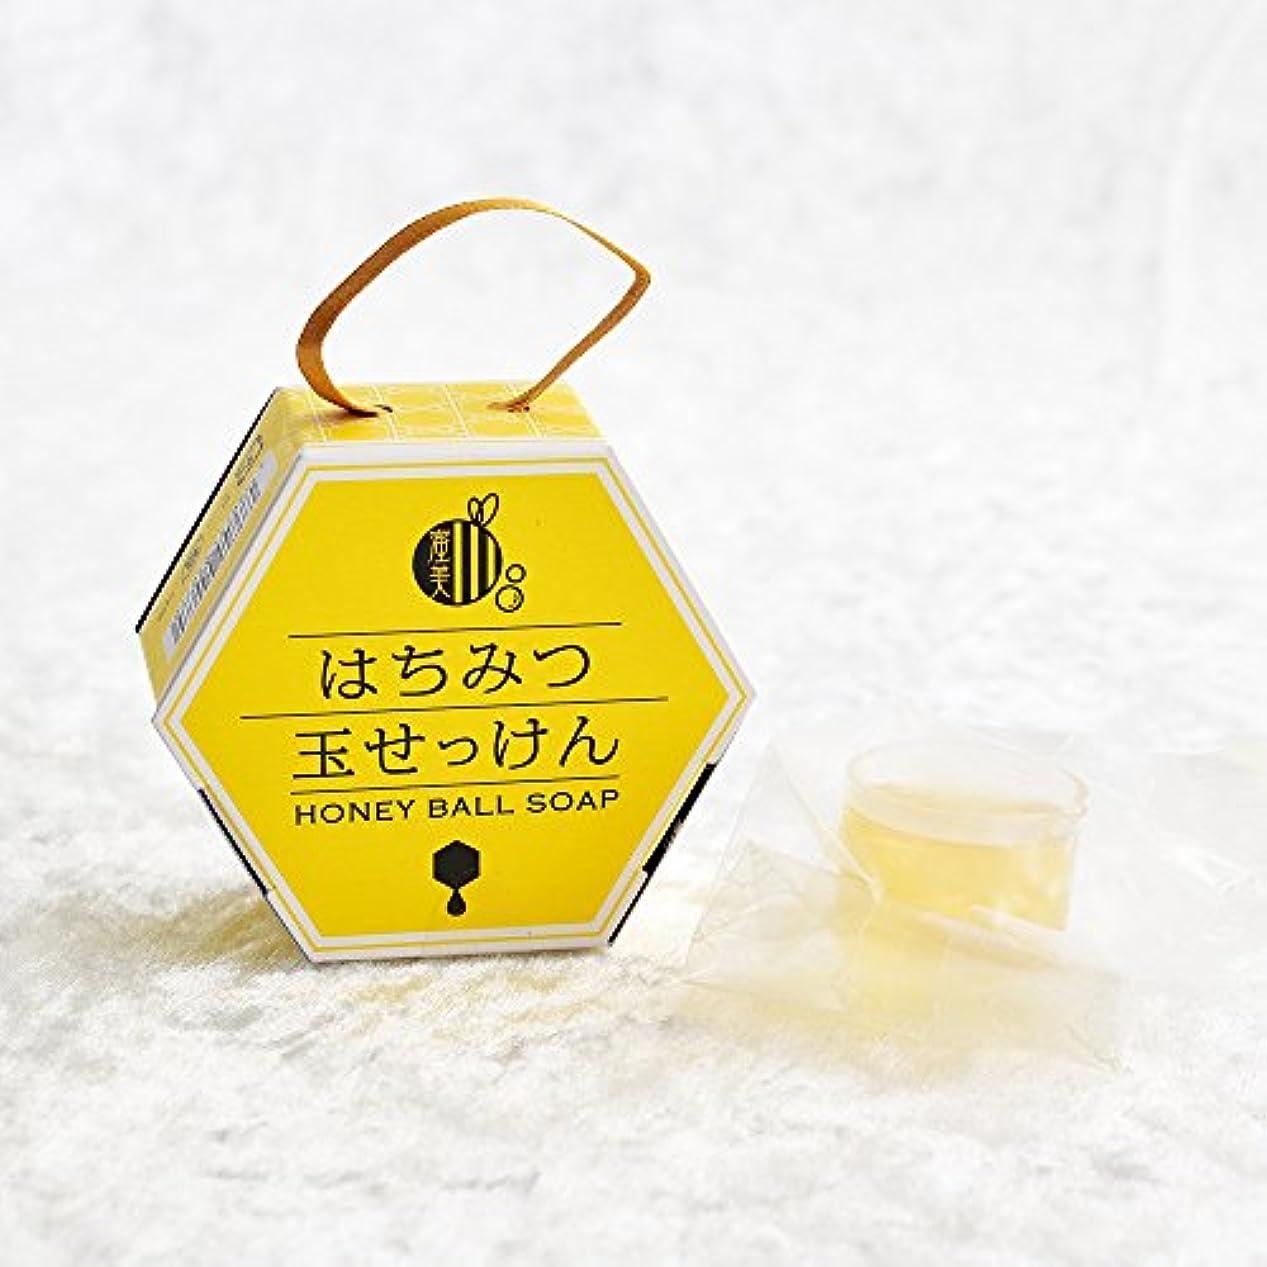 引っ張るハーフほこりっぽい蜜美はちみつ玉せっけん 8g